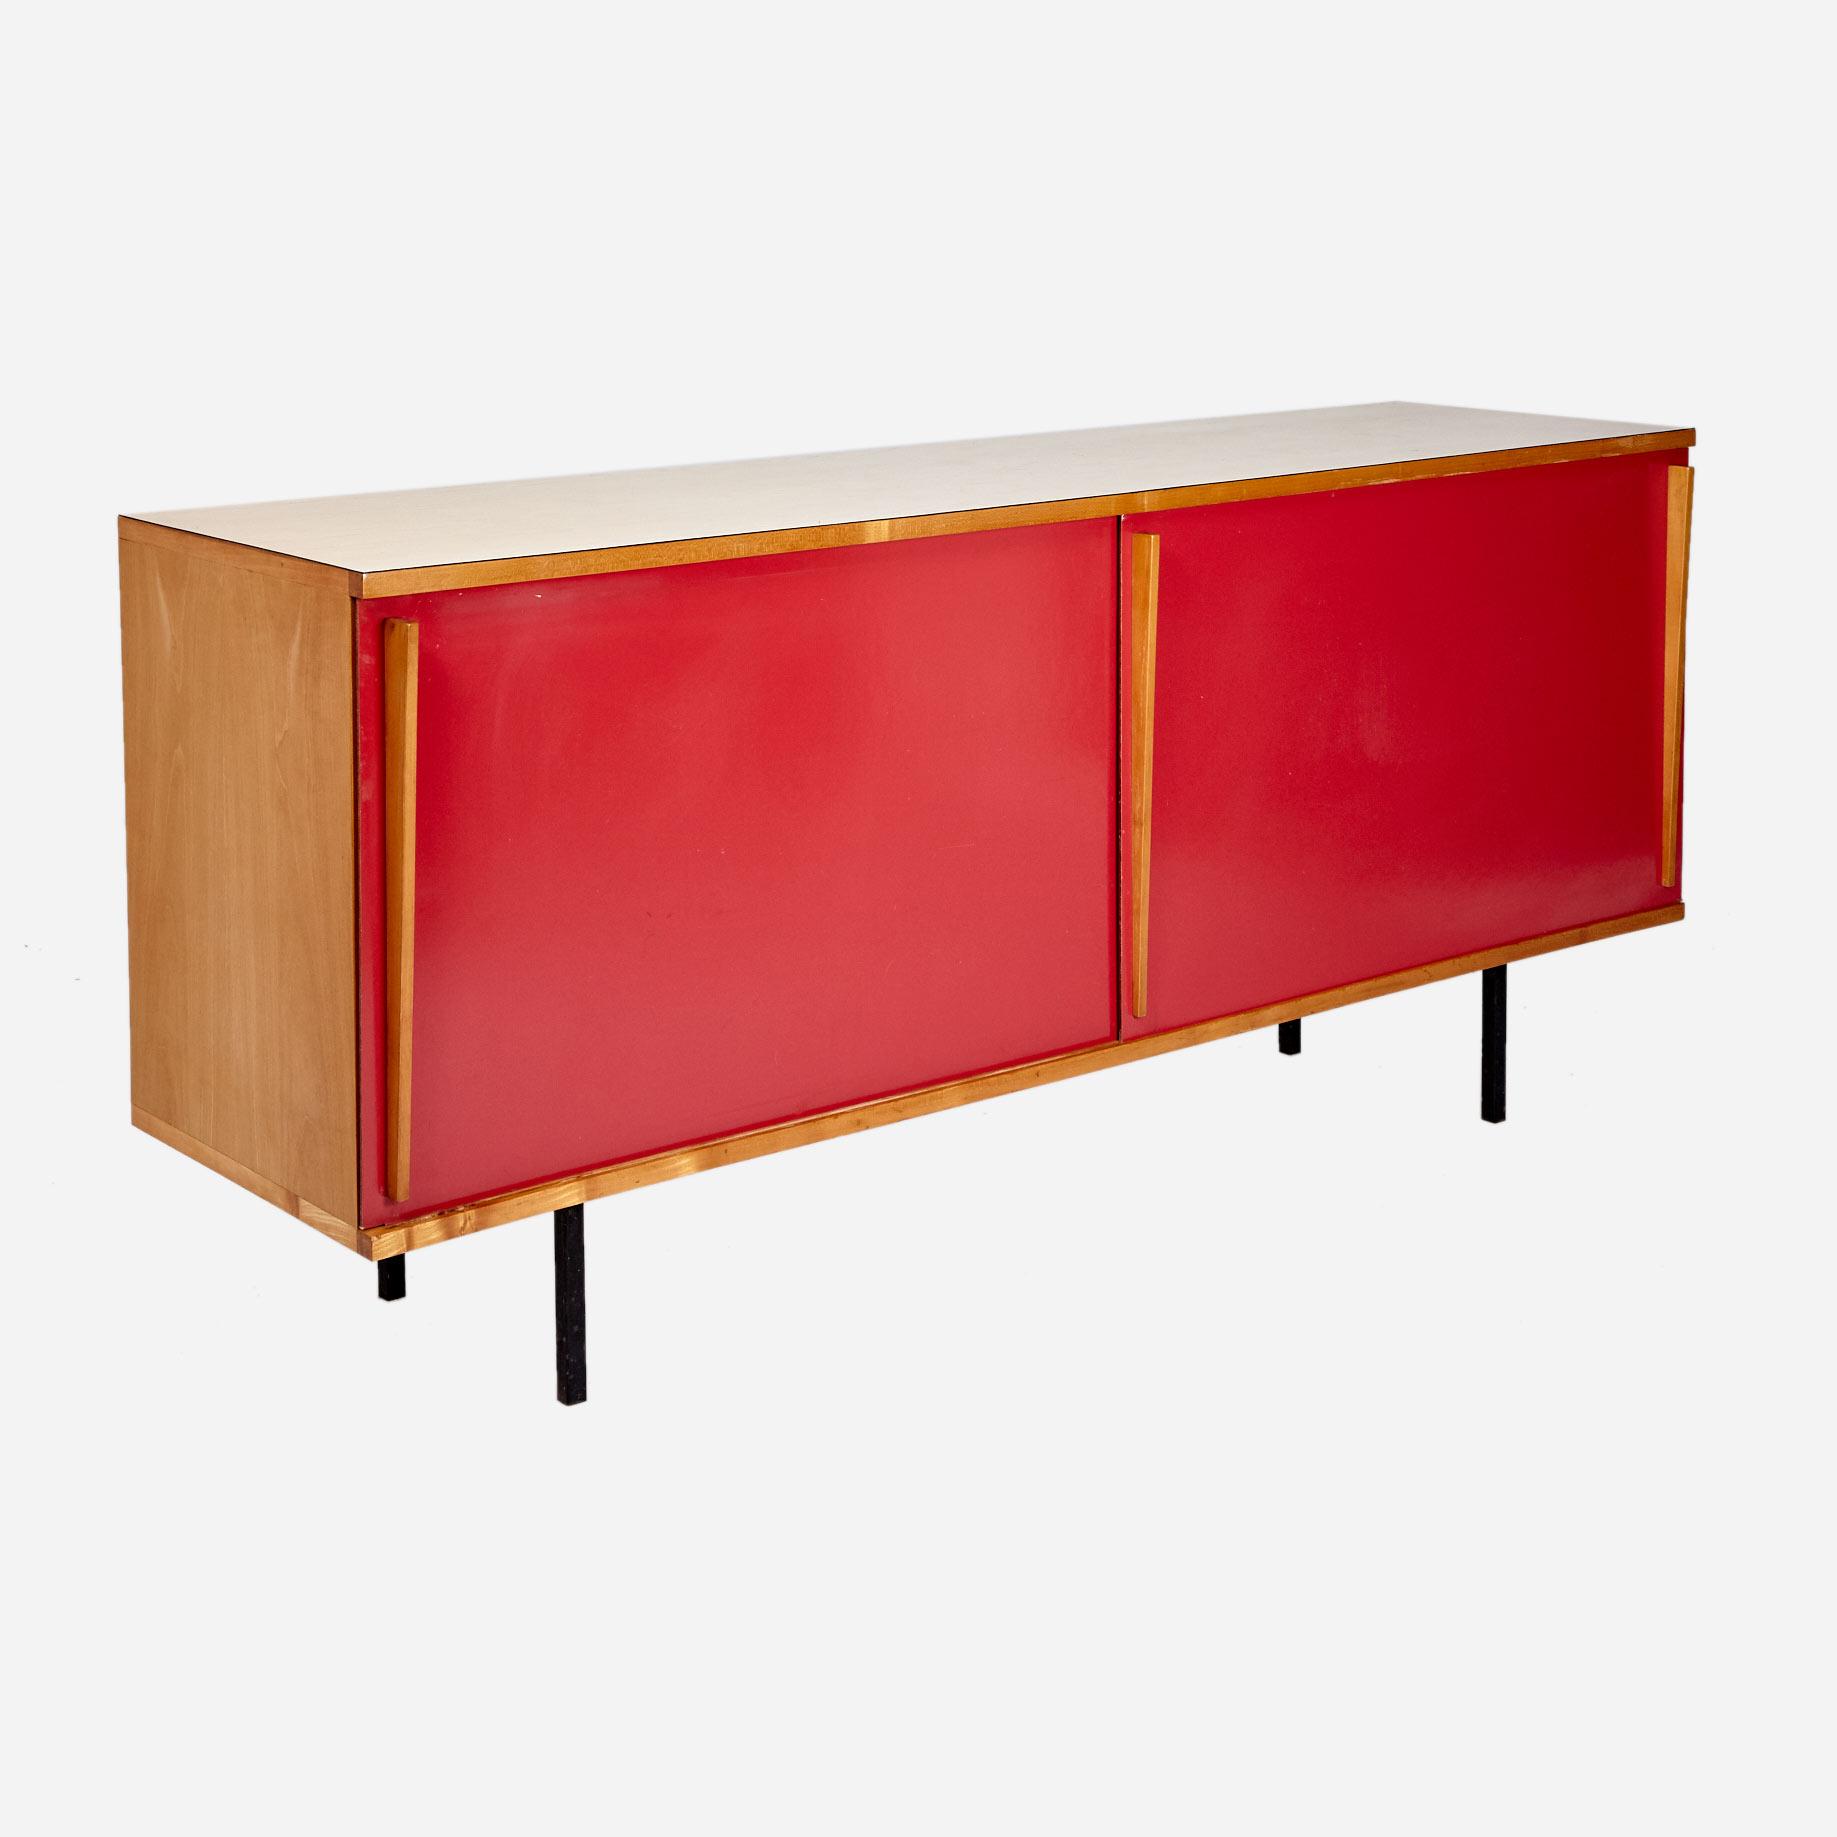 sideboard mit schiebet ren m bel z rich vintagem bel. Black Bedroom Furniture Sets. Home Design Ideas